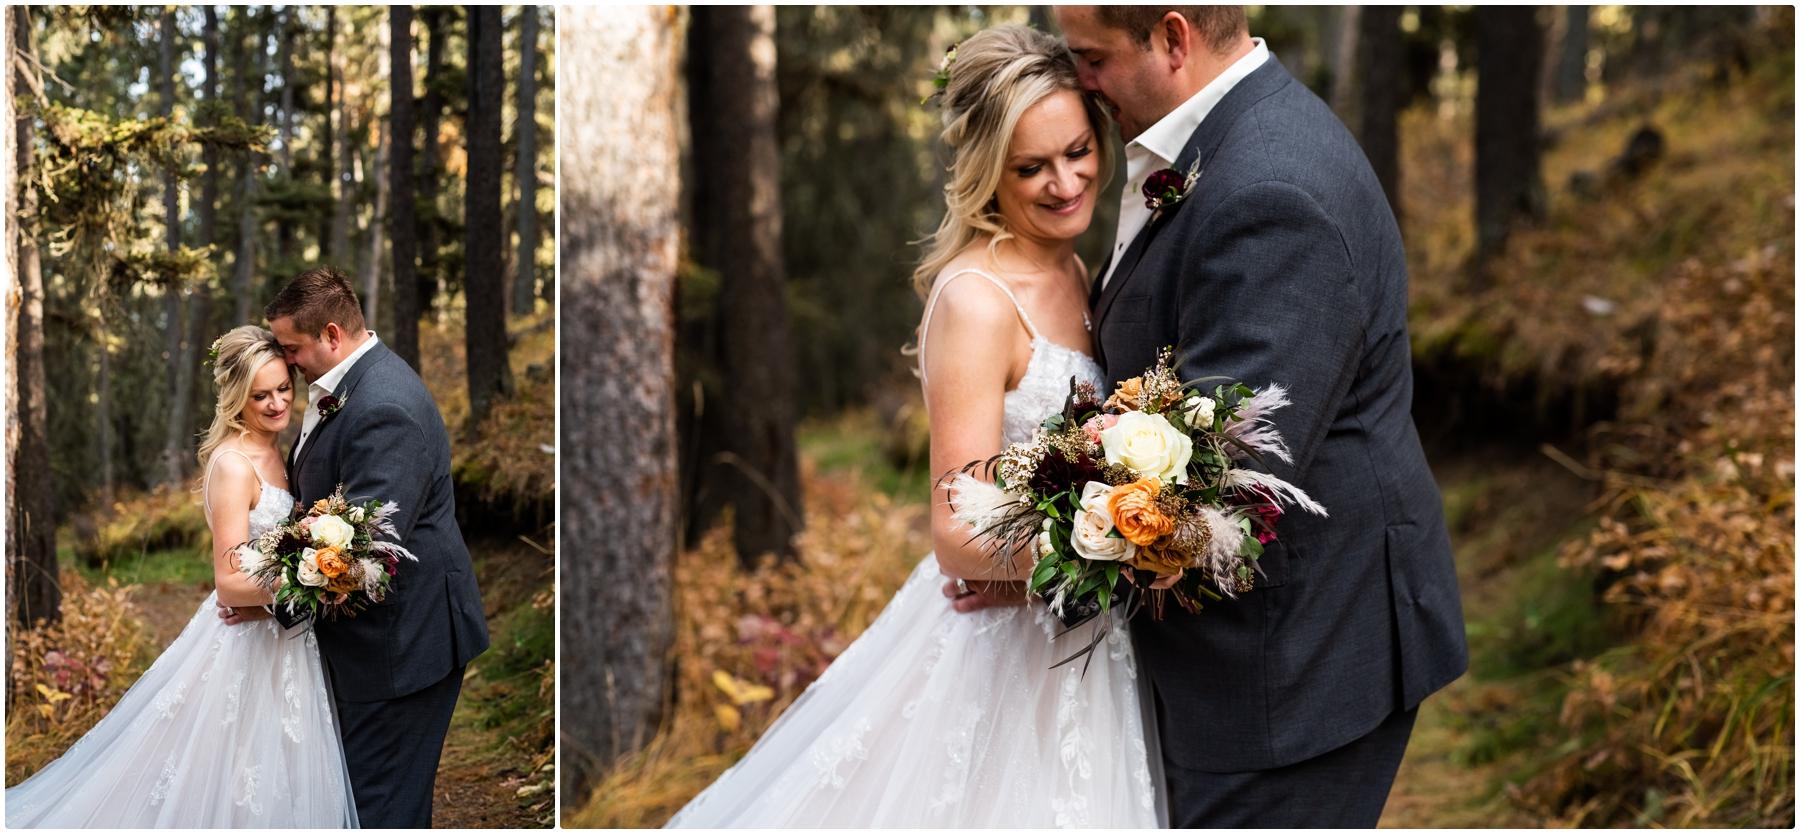 Calgary Wedding Photographer - Azuridge Estate Hotel Weddings